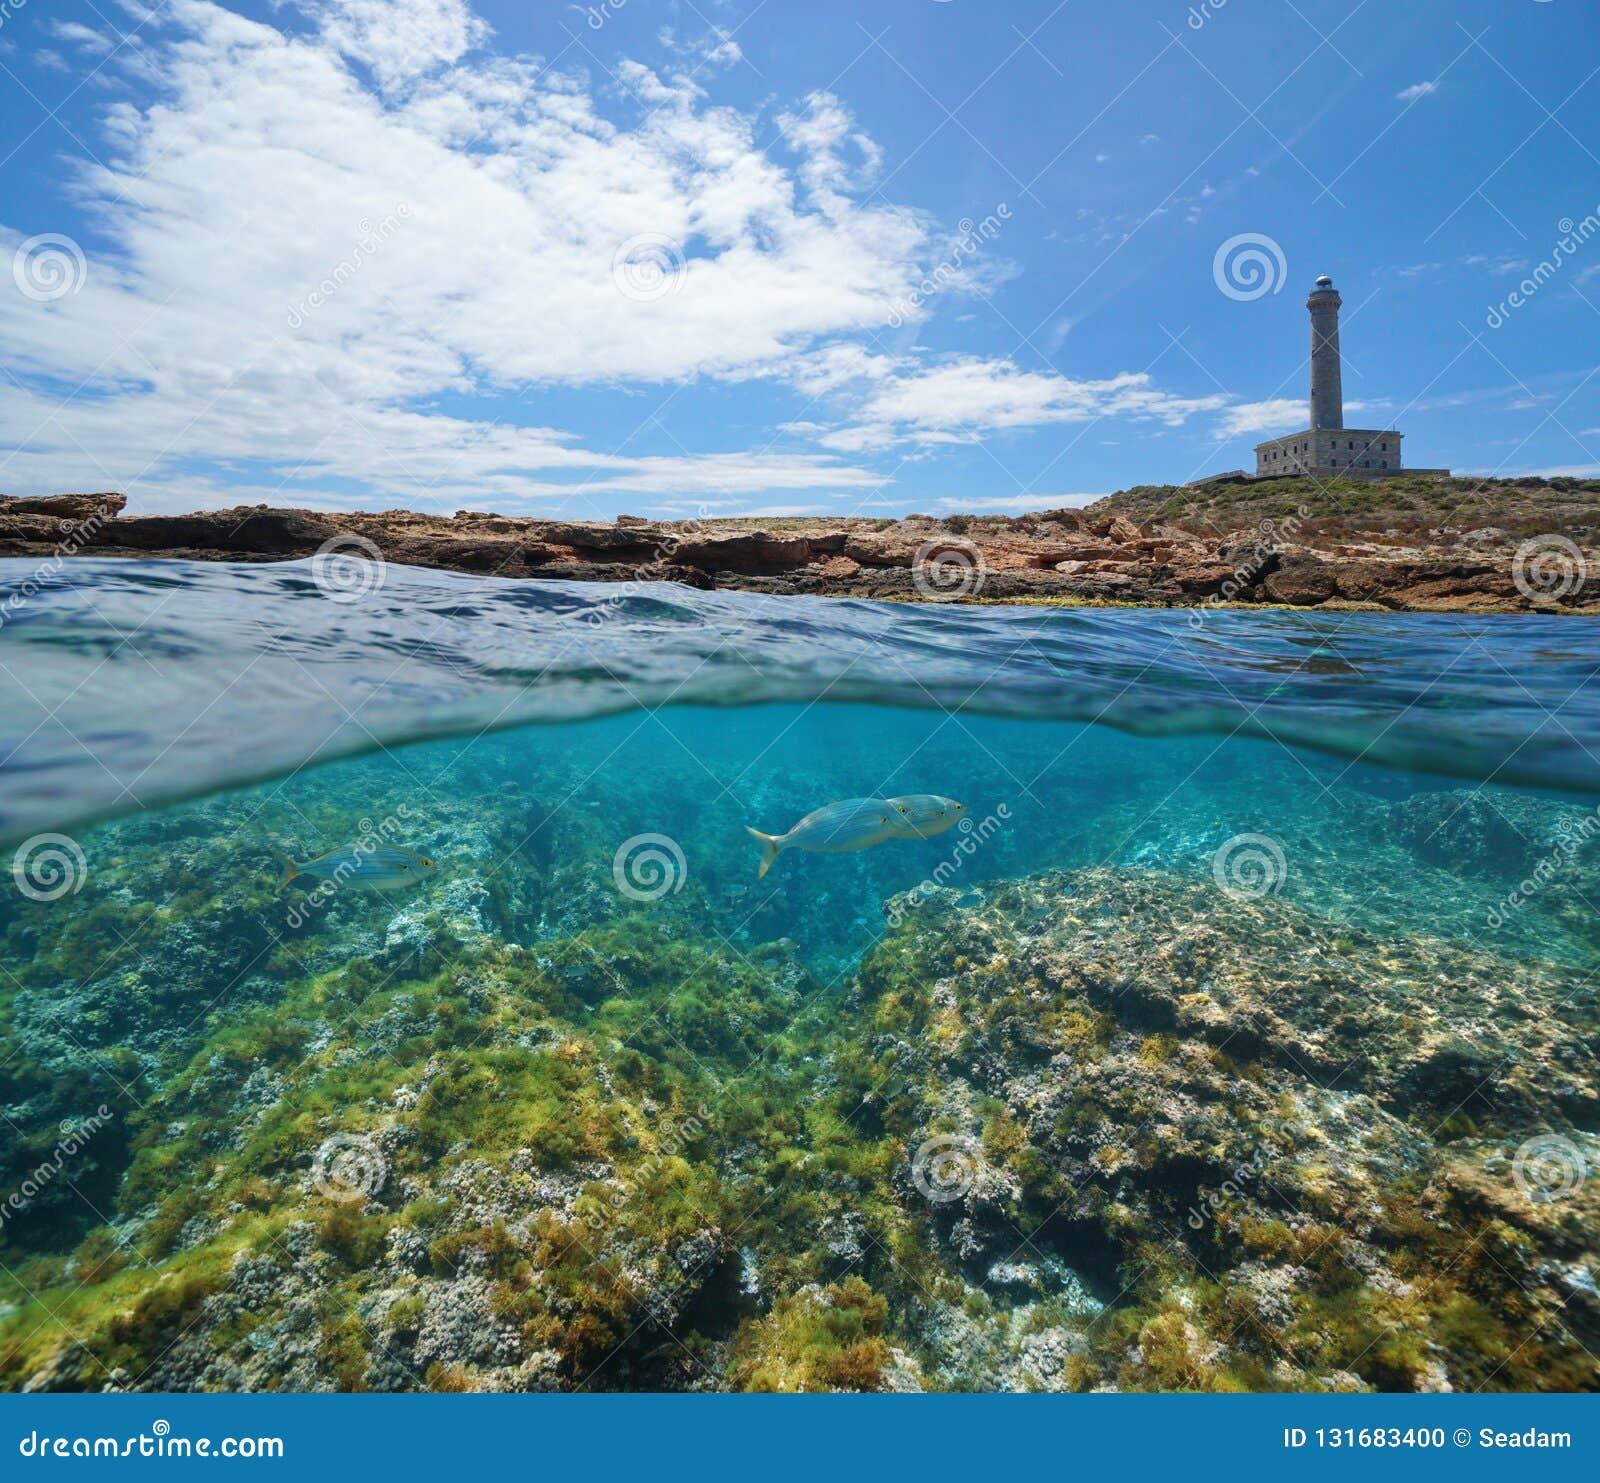 Costa costa con un faro y un fondo del mar rocoso con los pescados bajo el agua